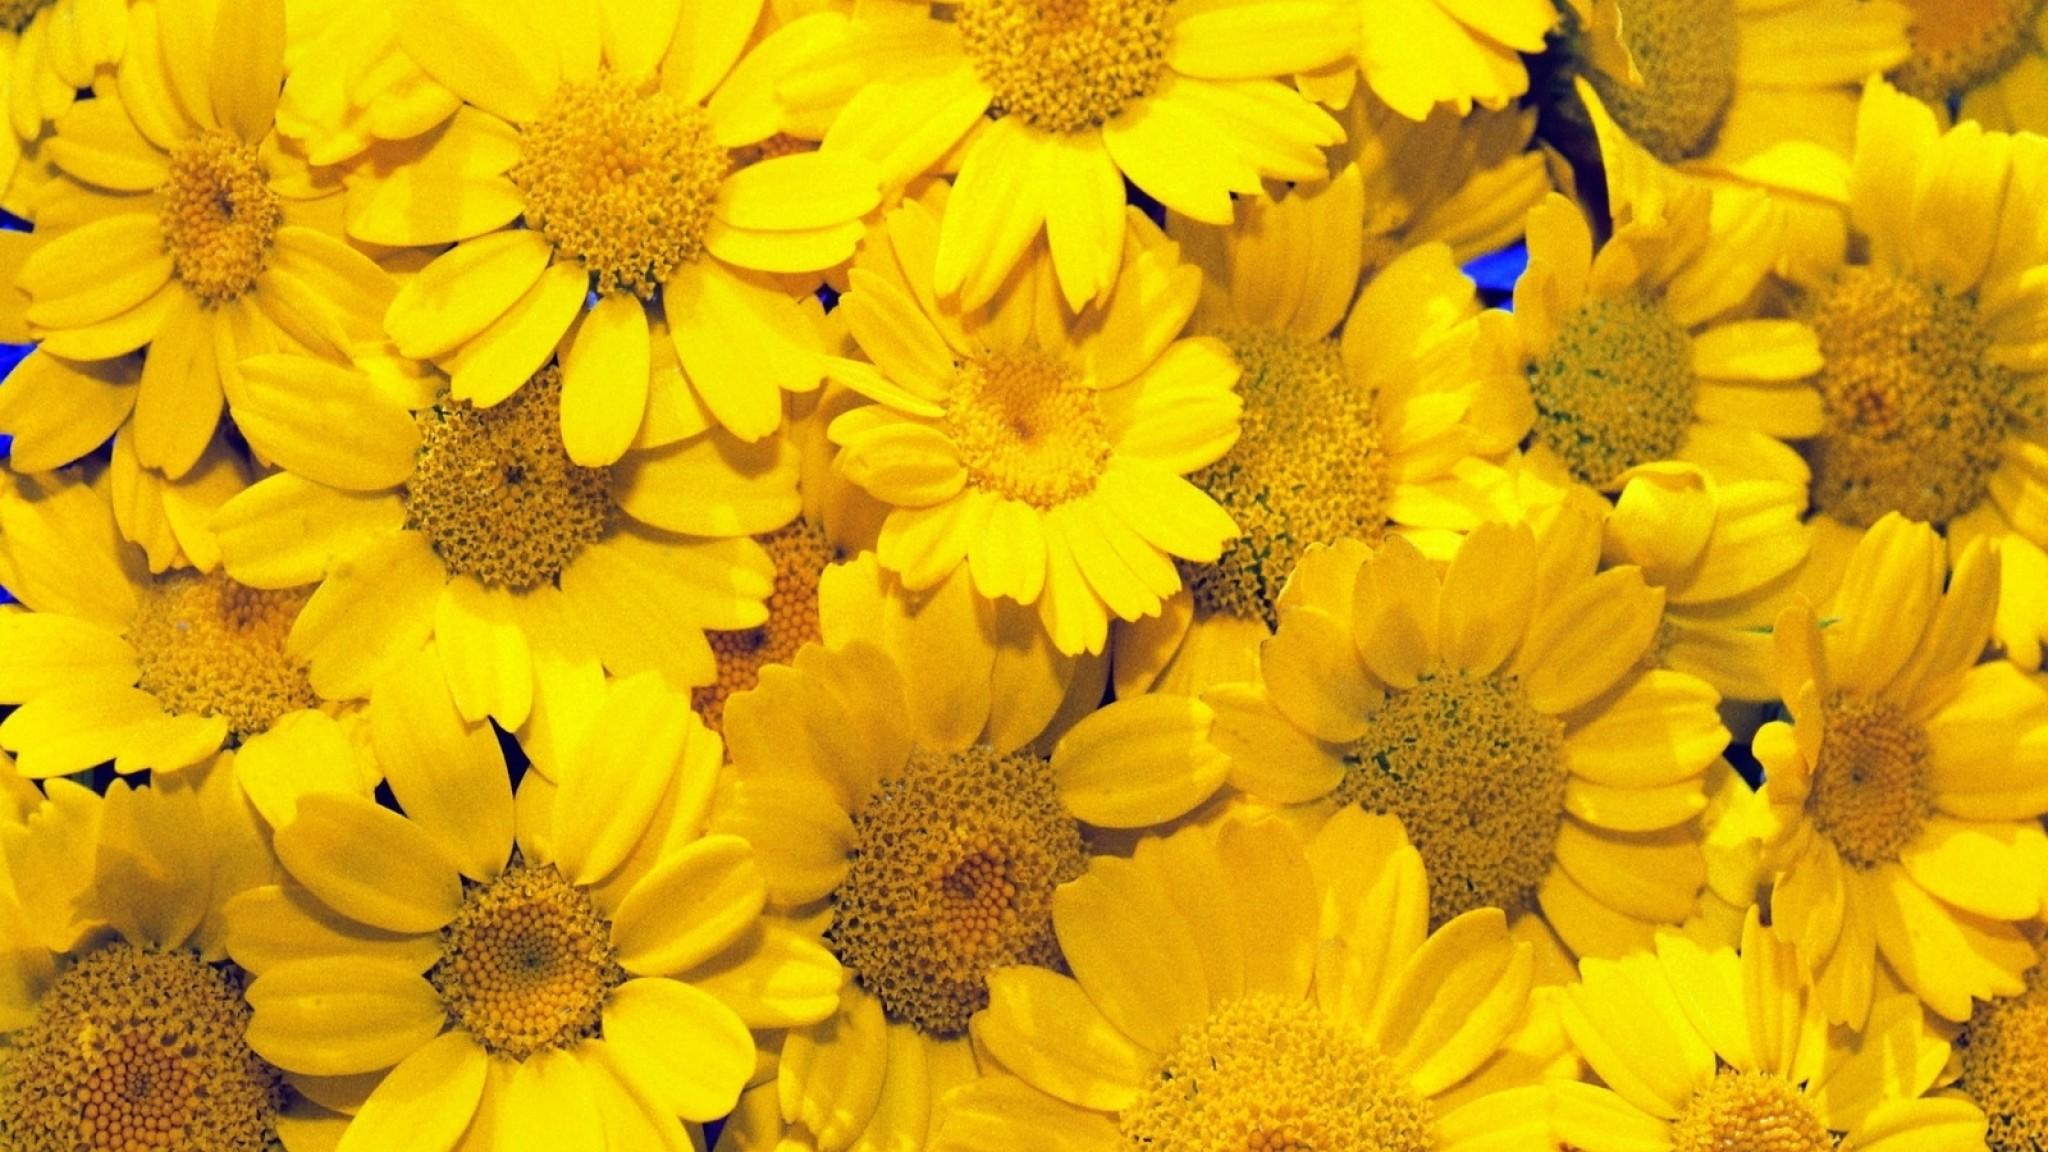 Wallpaper coleostephus, yellow, background, garden